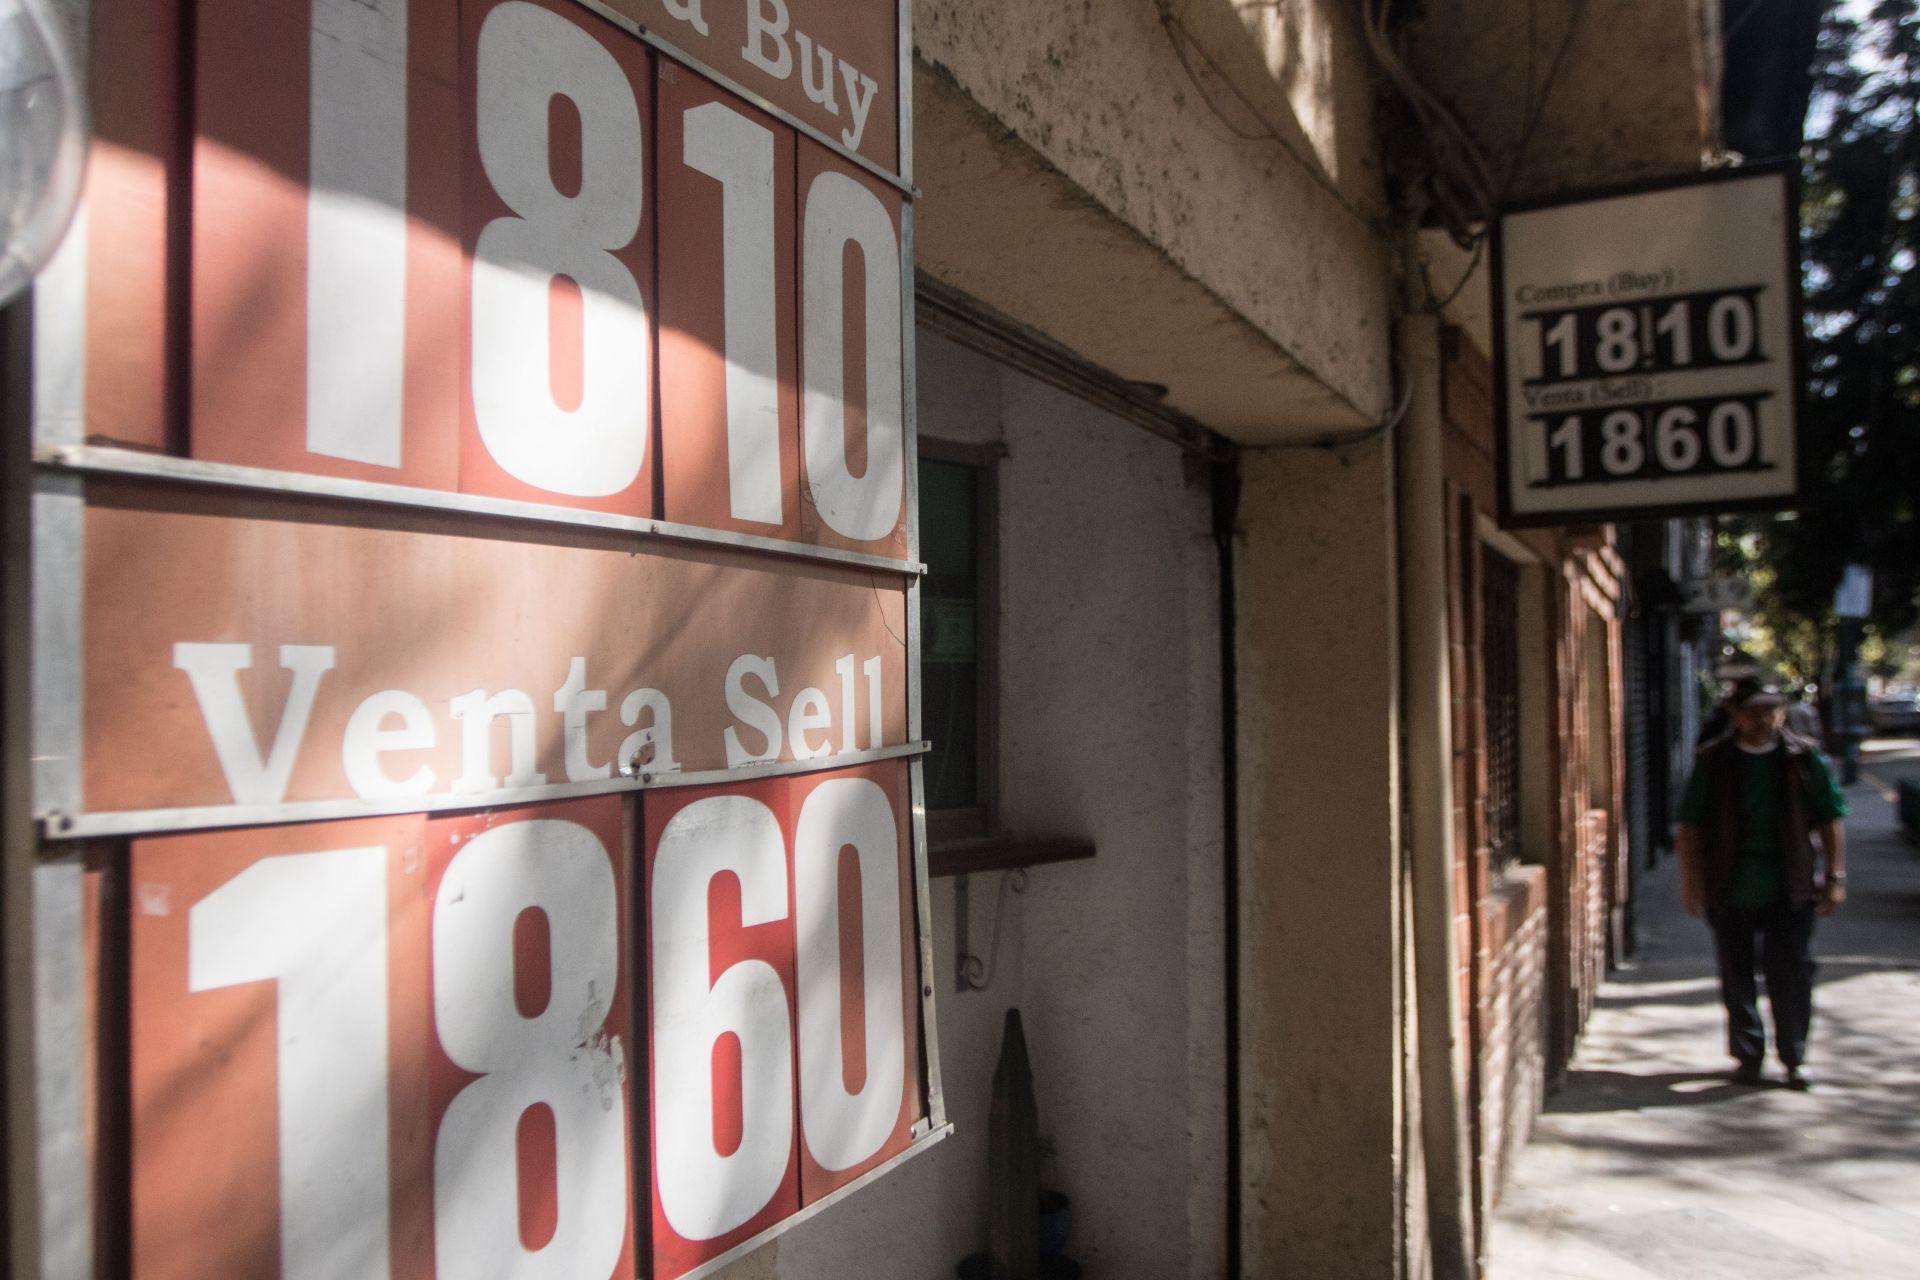 #ElDatoDeLaSemana: El problema de celebrar las remesas